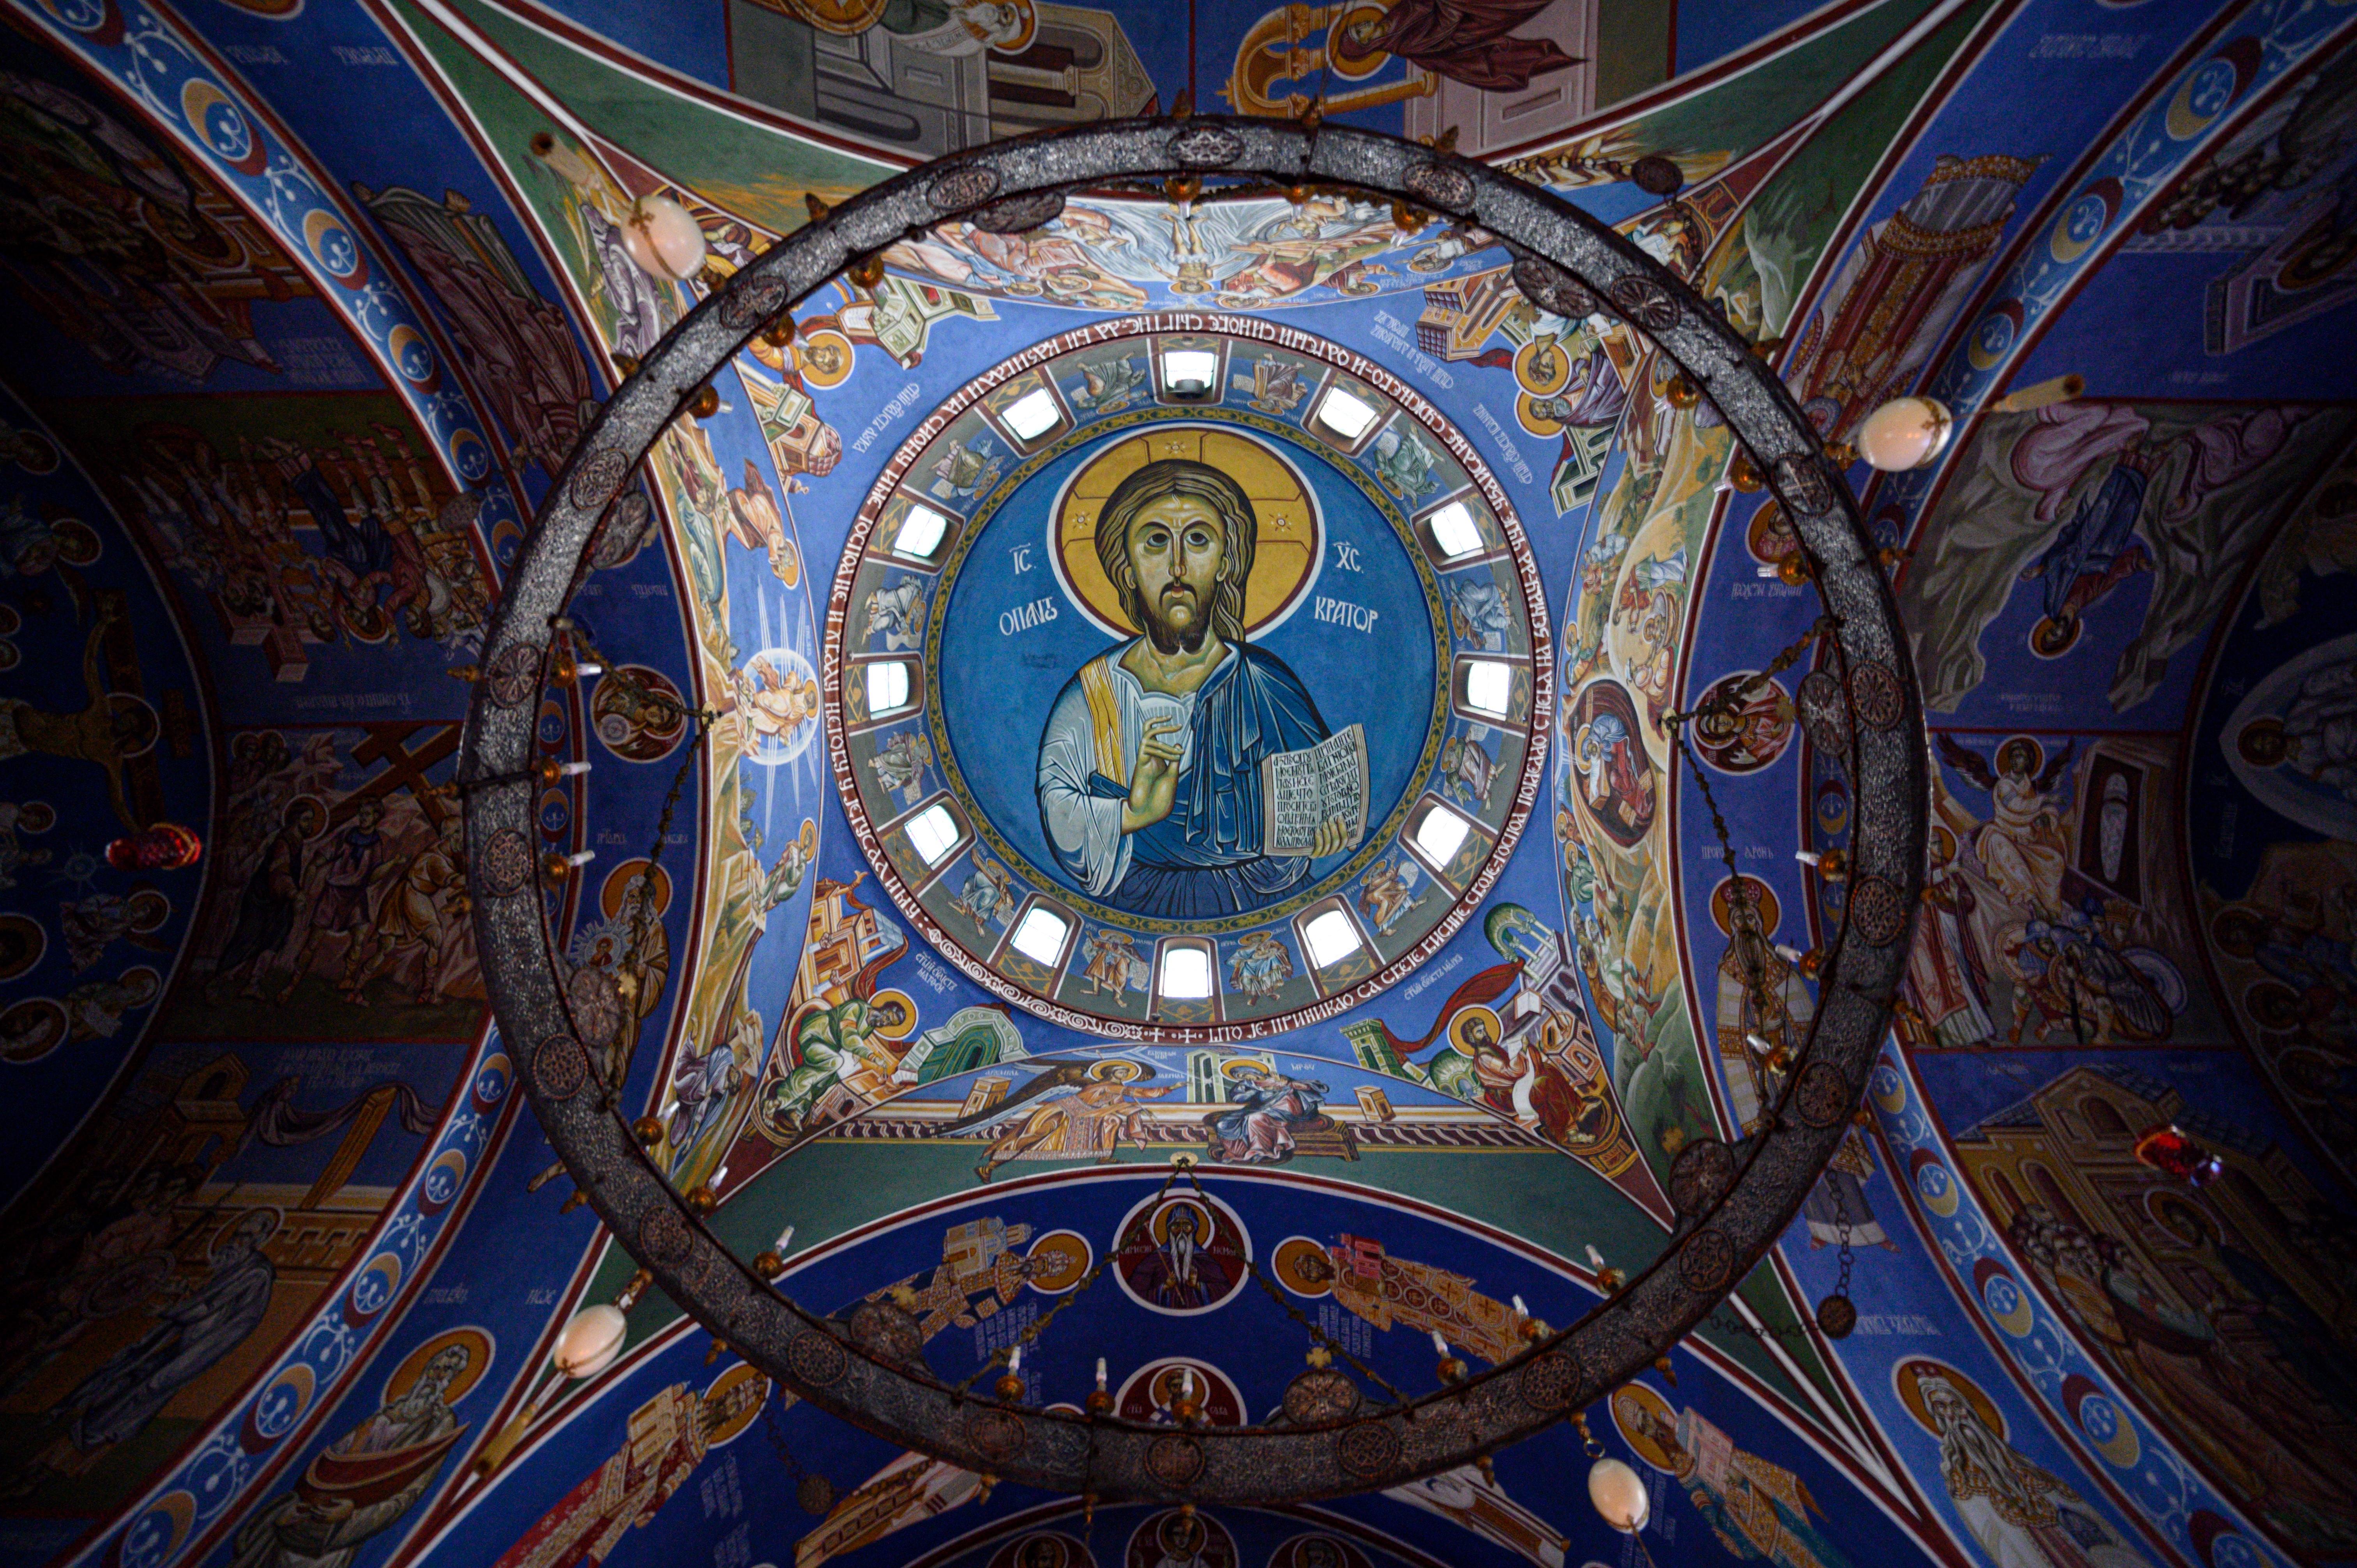 Egy püspök meghalt, és két pap is beteg, de a szerb ortodox egyház nem veszi figyelembe a Covid-19 elleni óvintézkedéseket